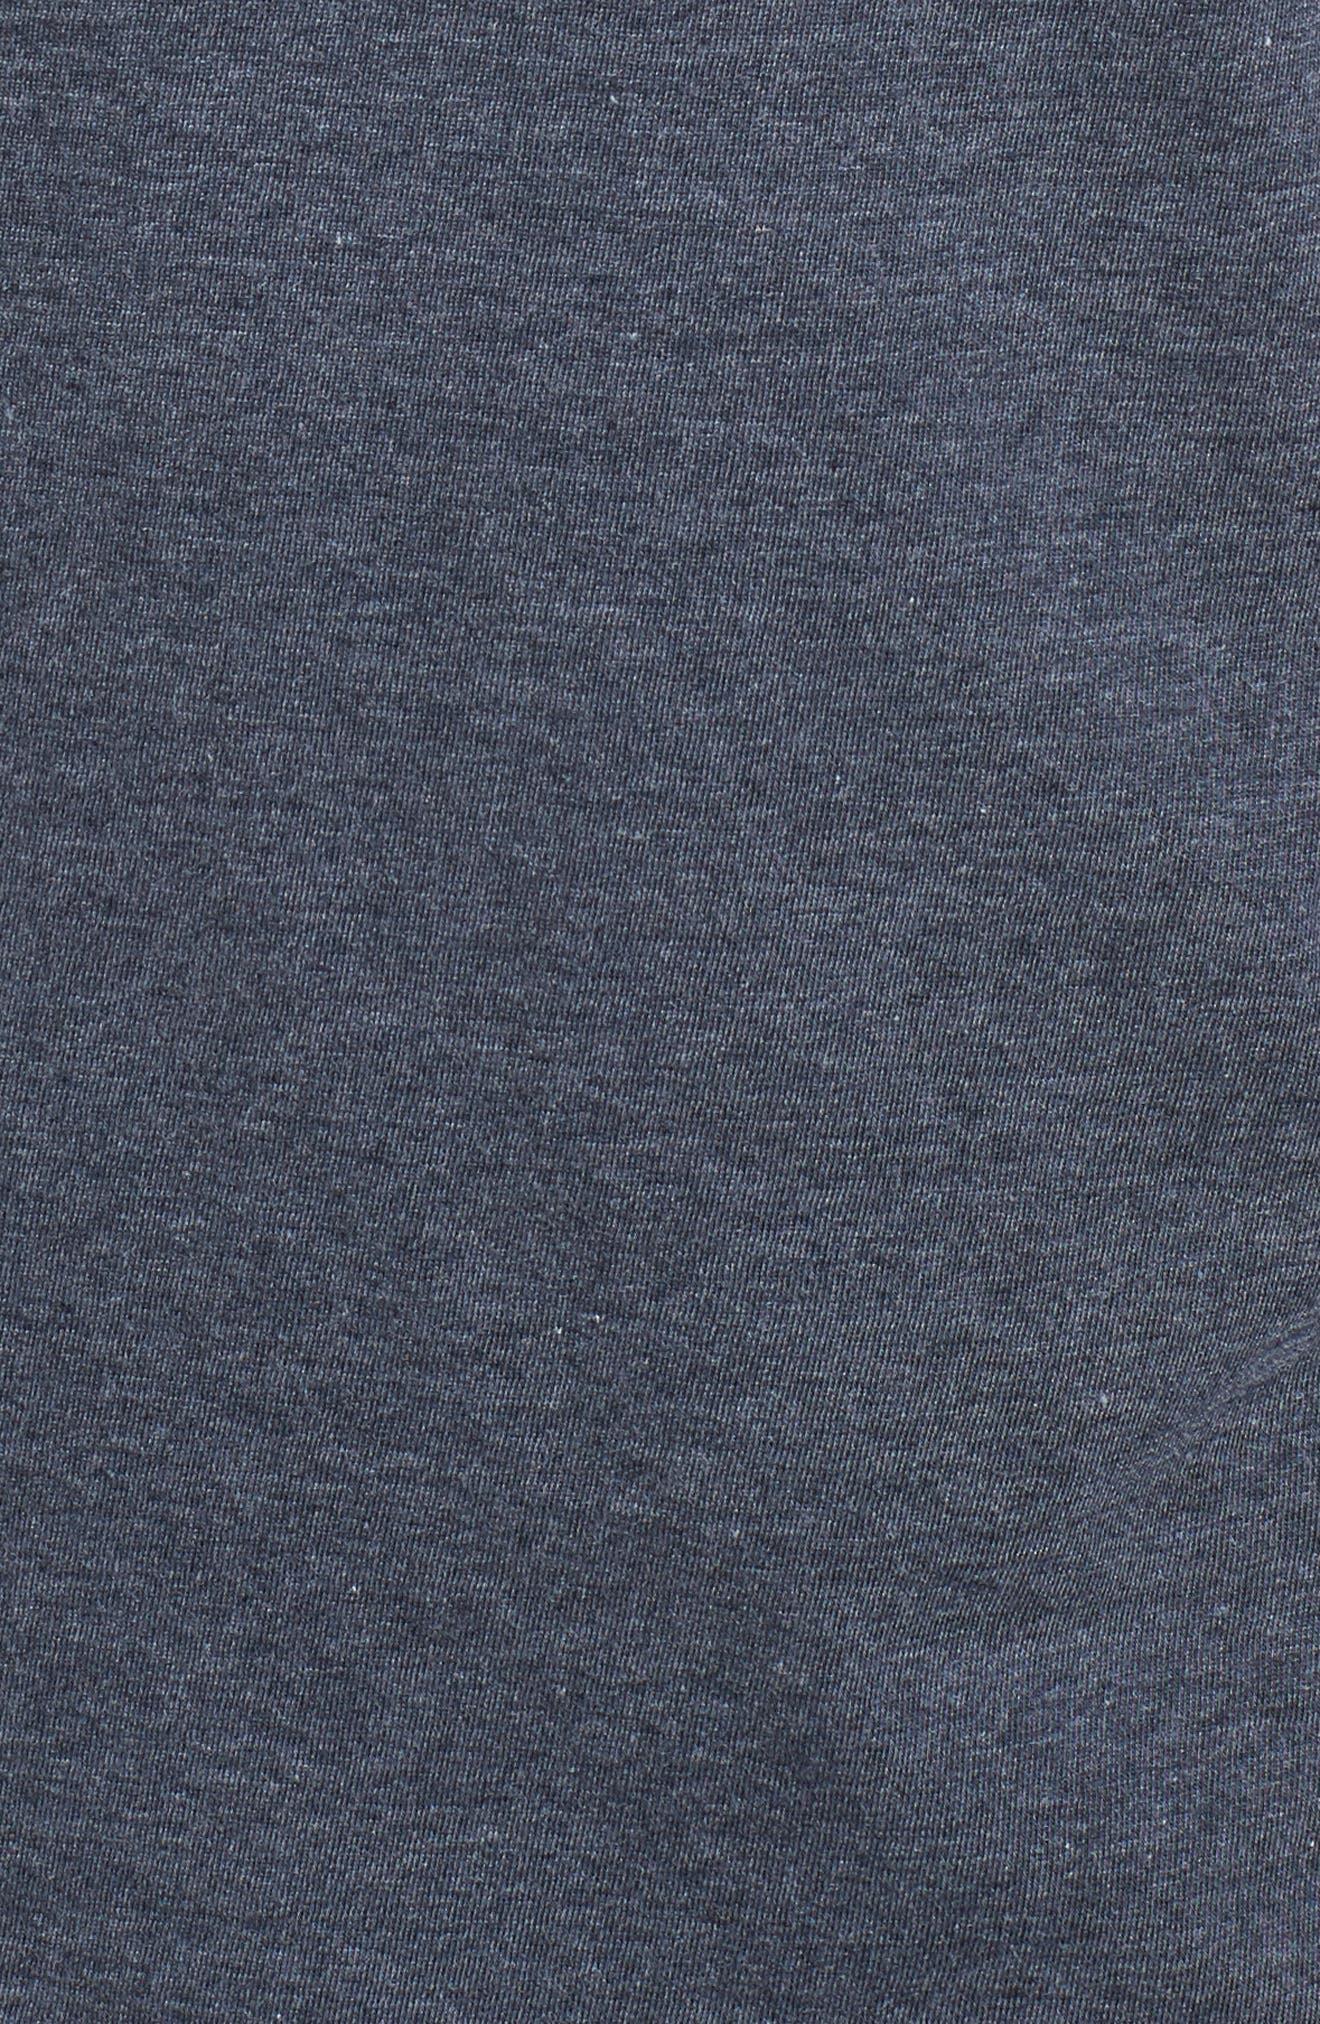 Diver Graphic T-Shirt,                             Alternate thumbnail 5, color,                             412